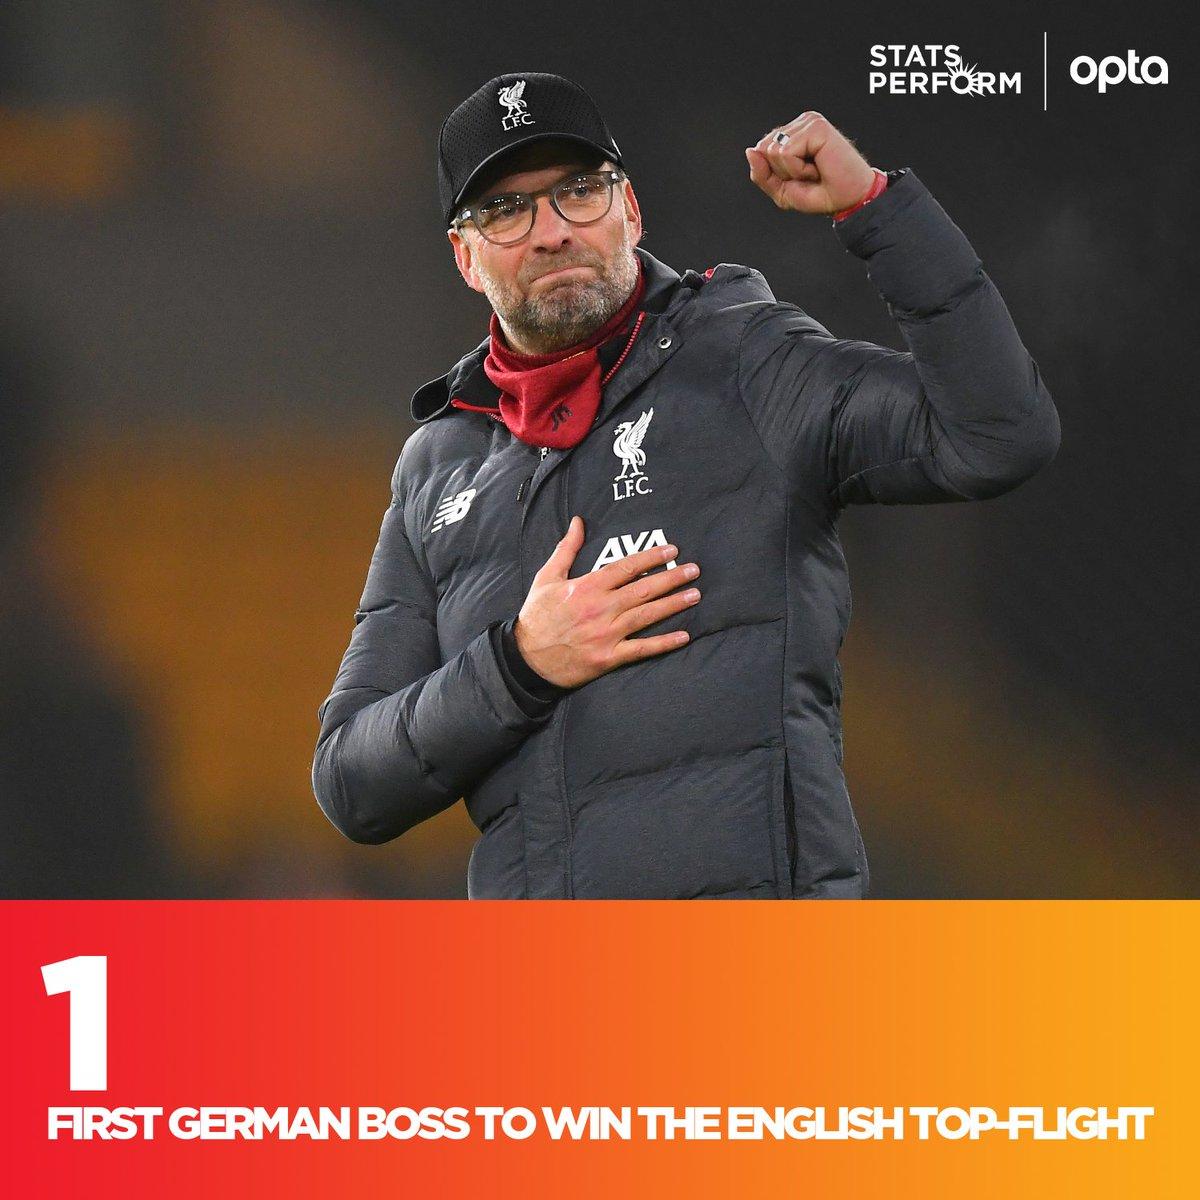 外来和尚会念经!克洛普成首位率队夺取英超的德国教练